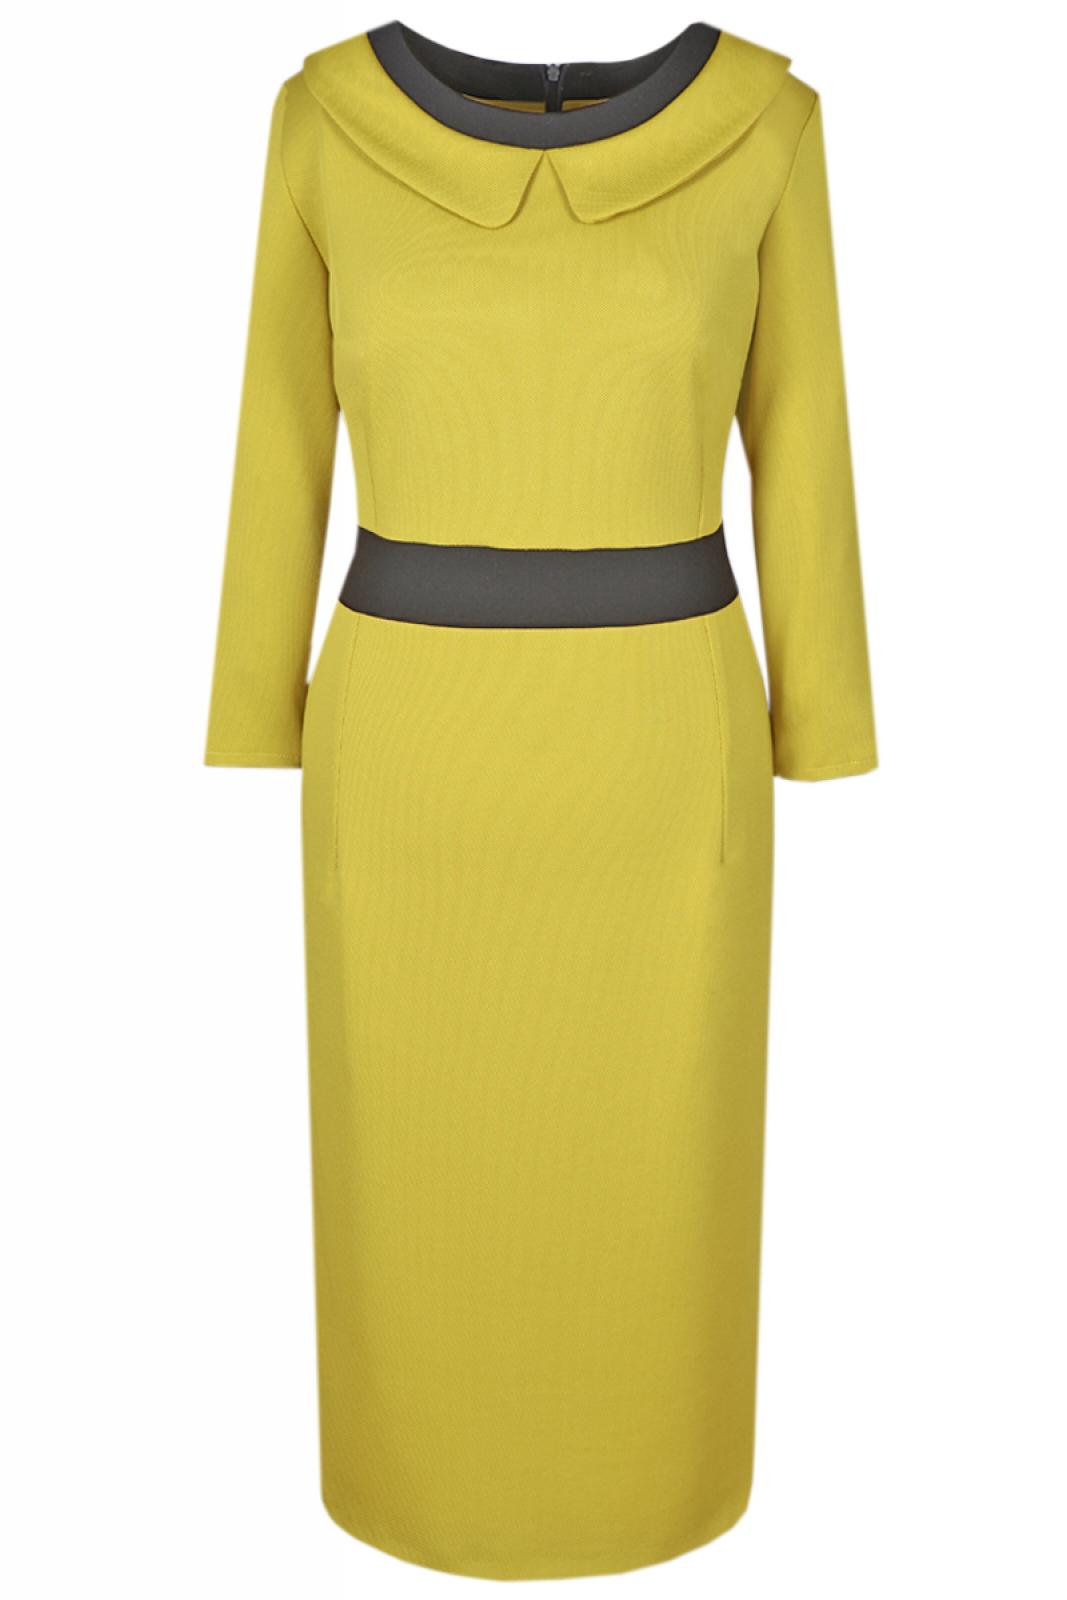 Etuikleid limone im eleganten Business-Look für Büro und ...